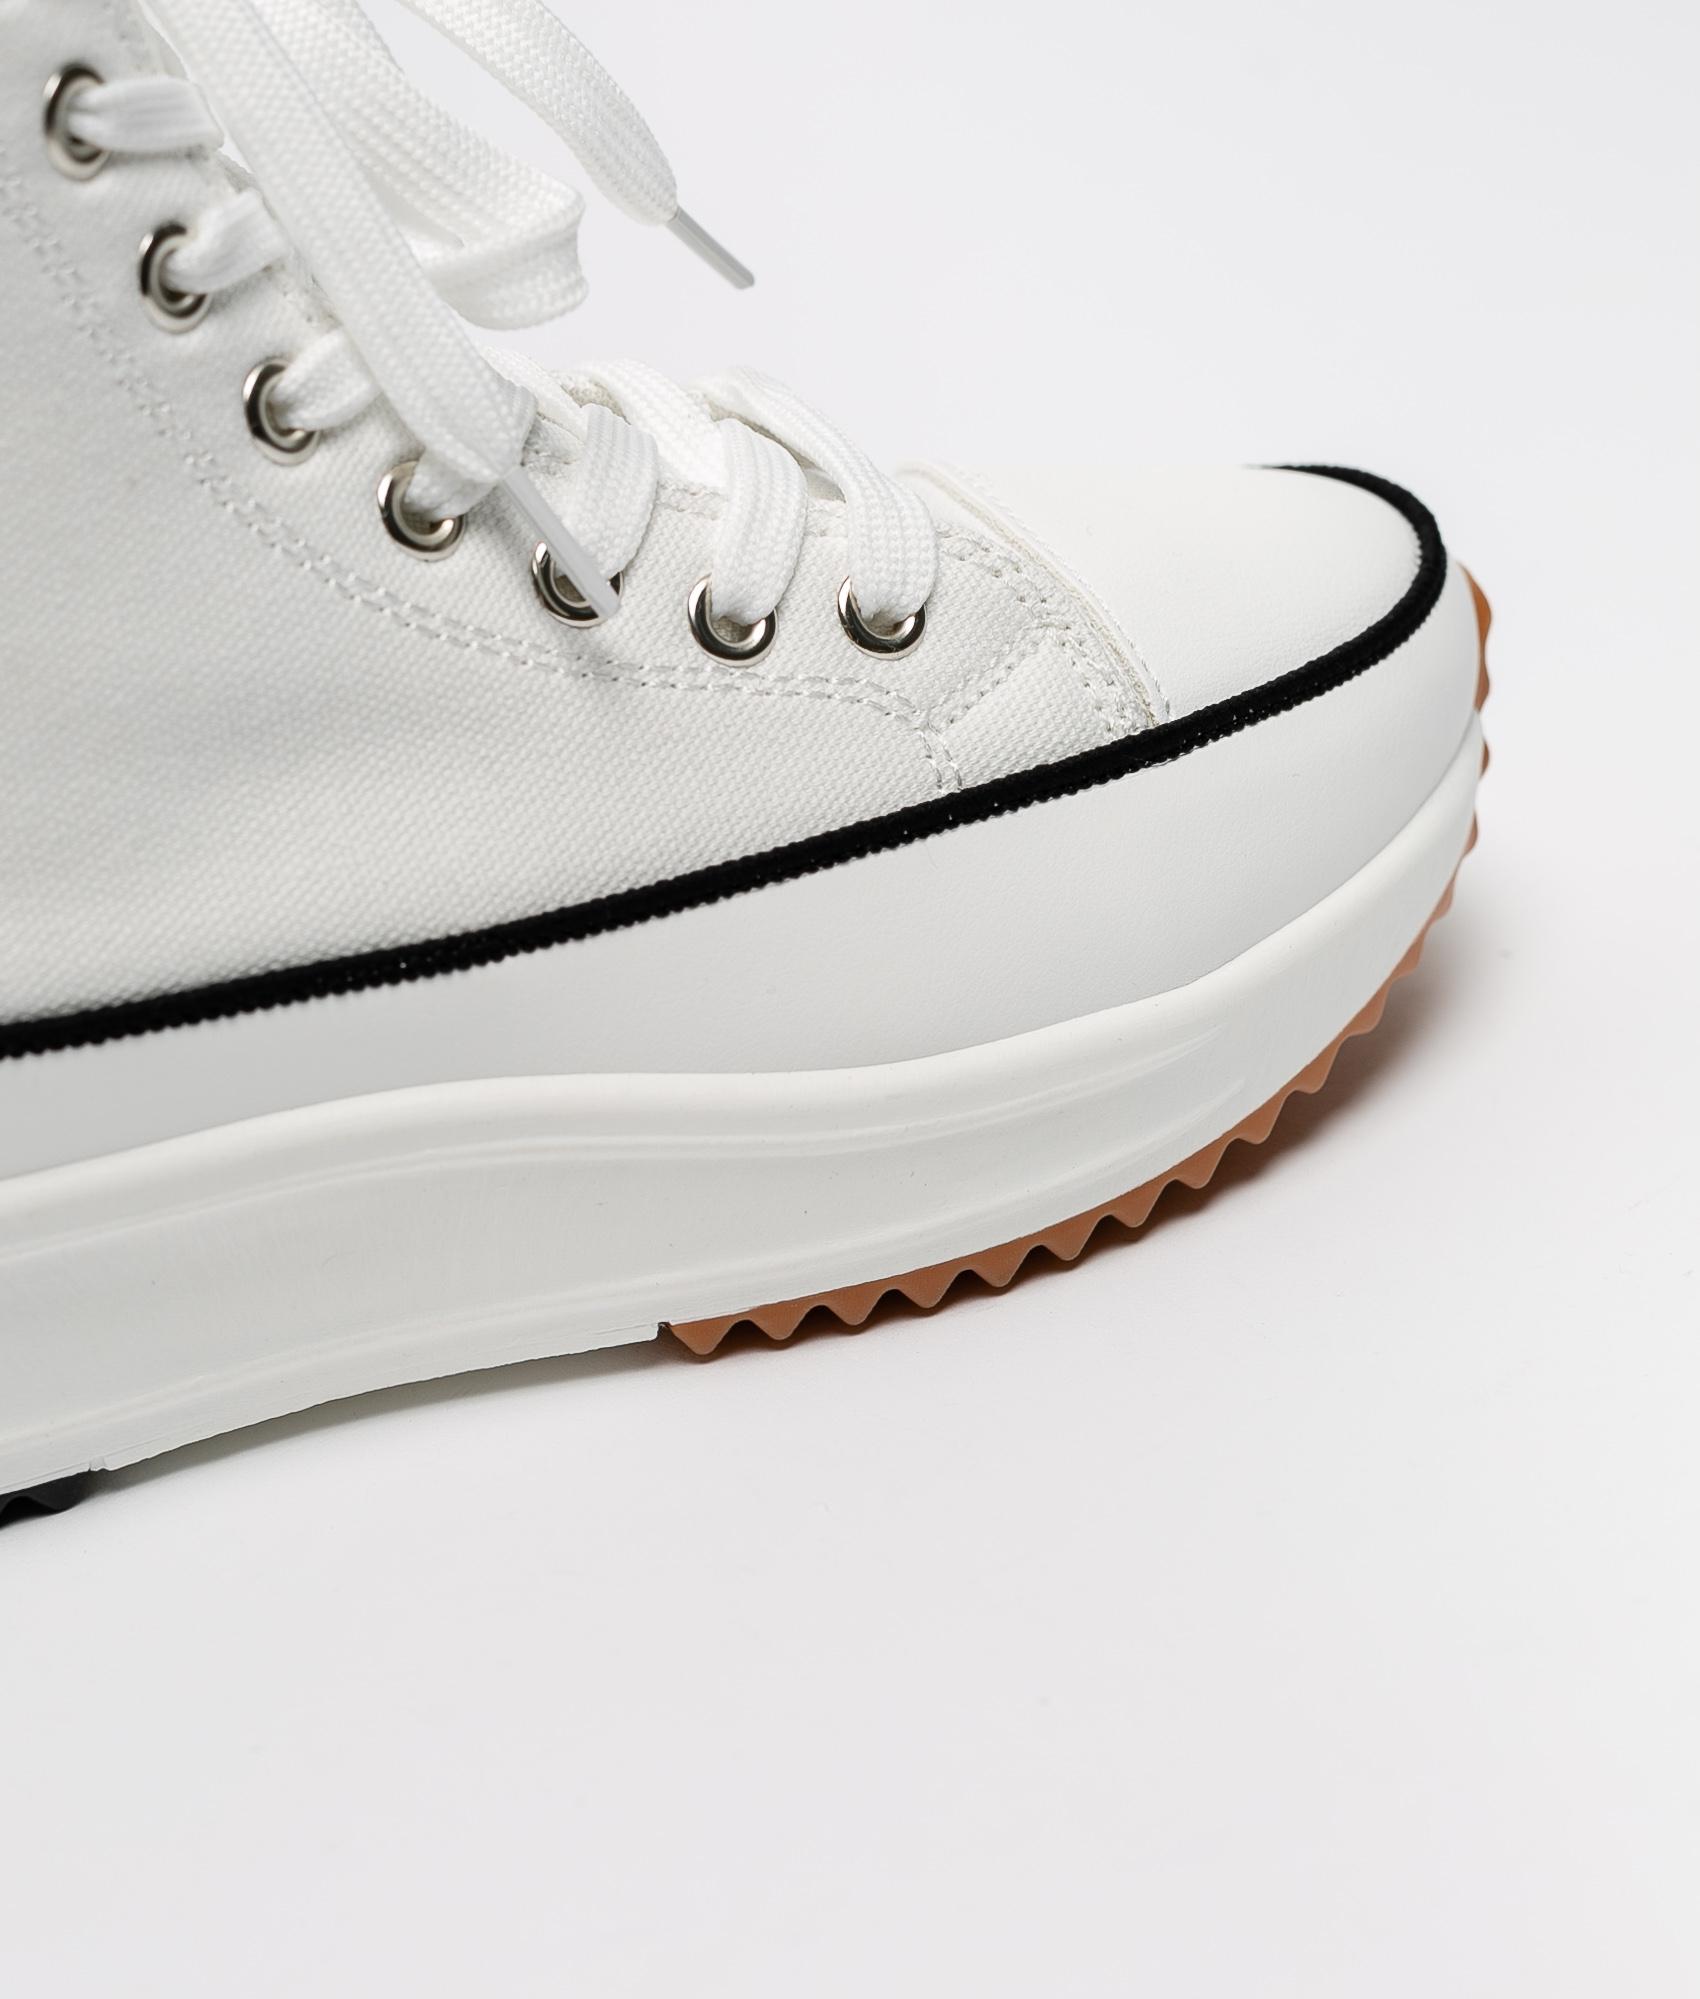 Sneakers Kima - Branco